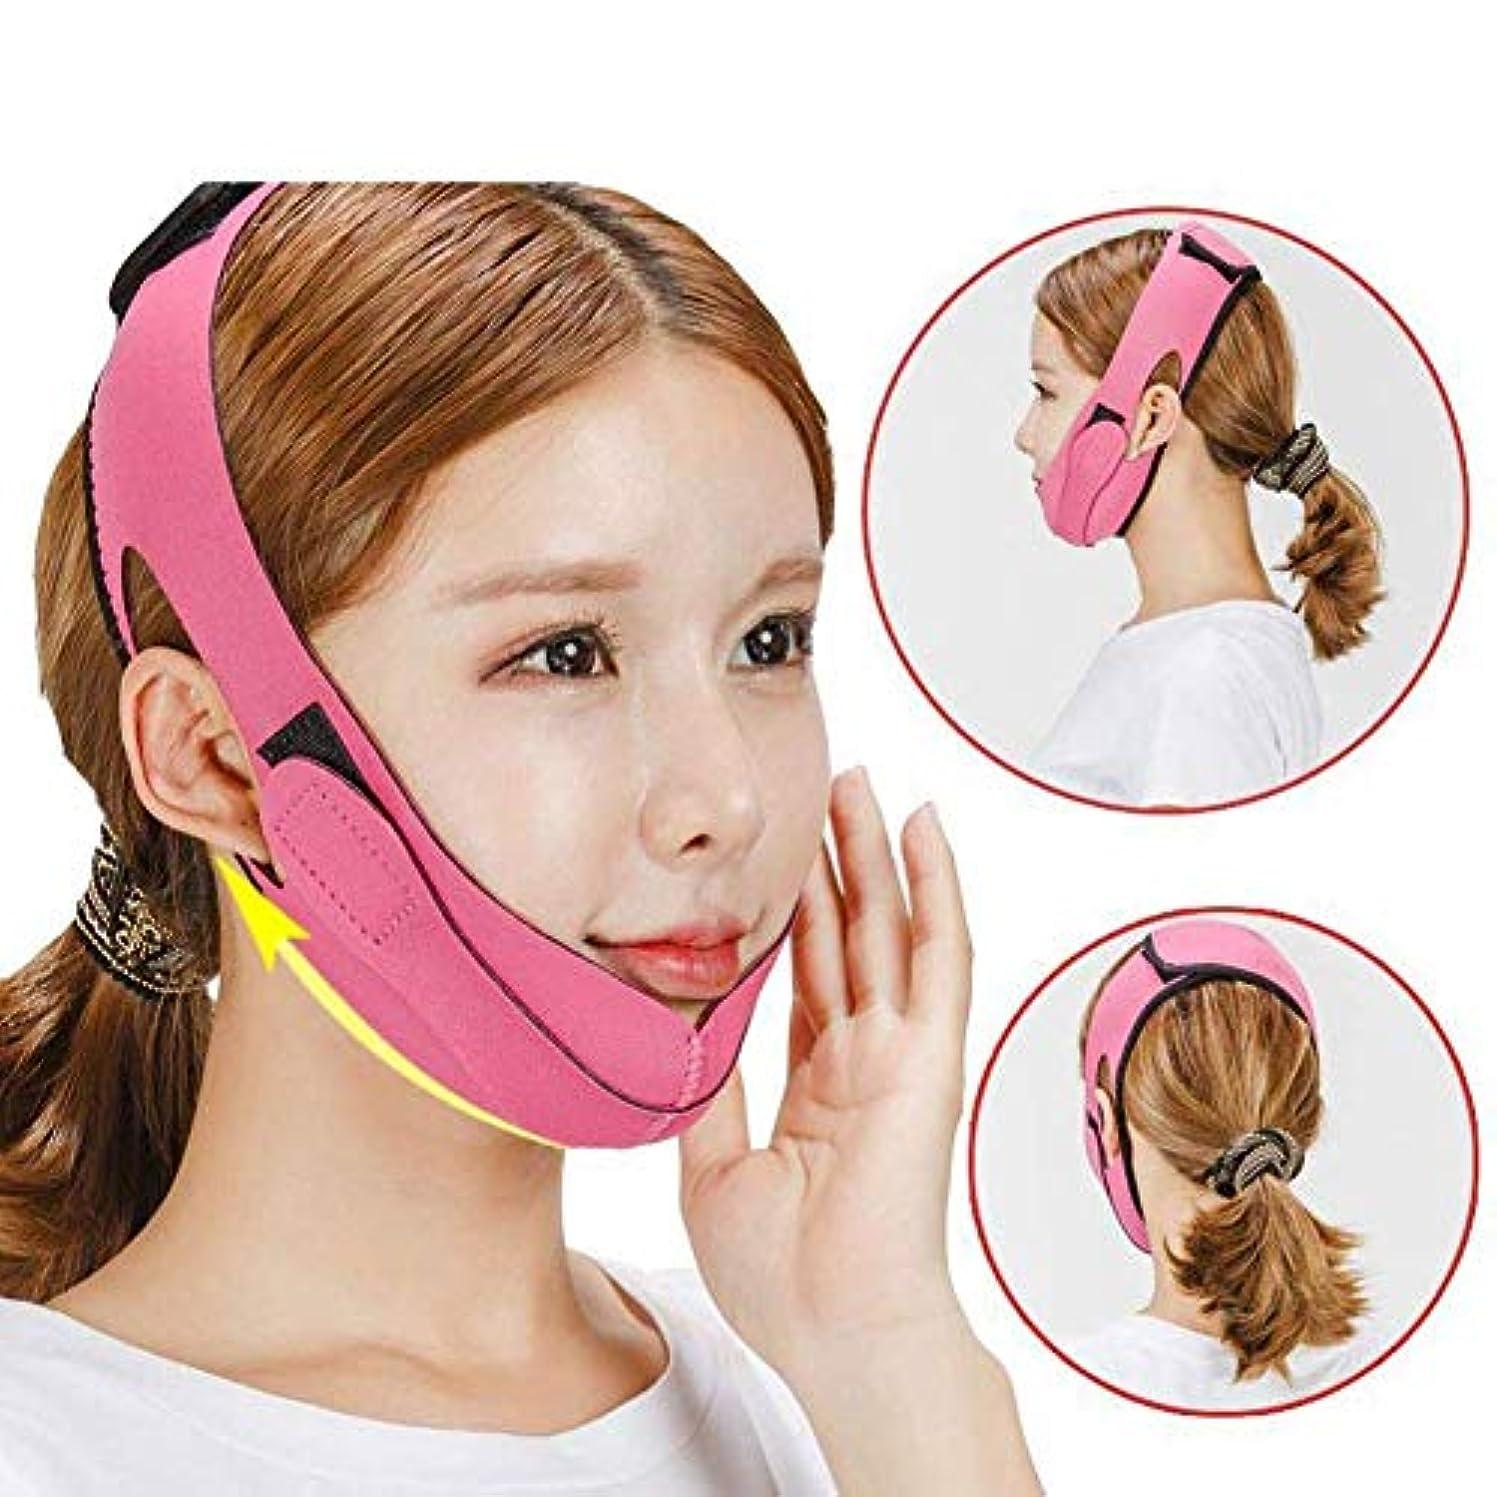 取り壊すメタン女性Vフェイスベルト、マスクリフティングスリムリフティングフェイスマスク包帯、抗シワマスク通気性